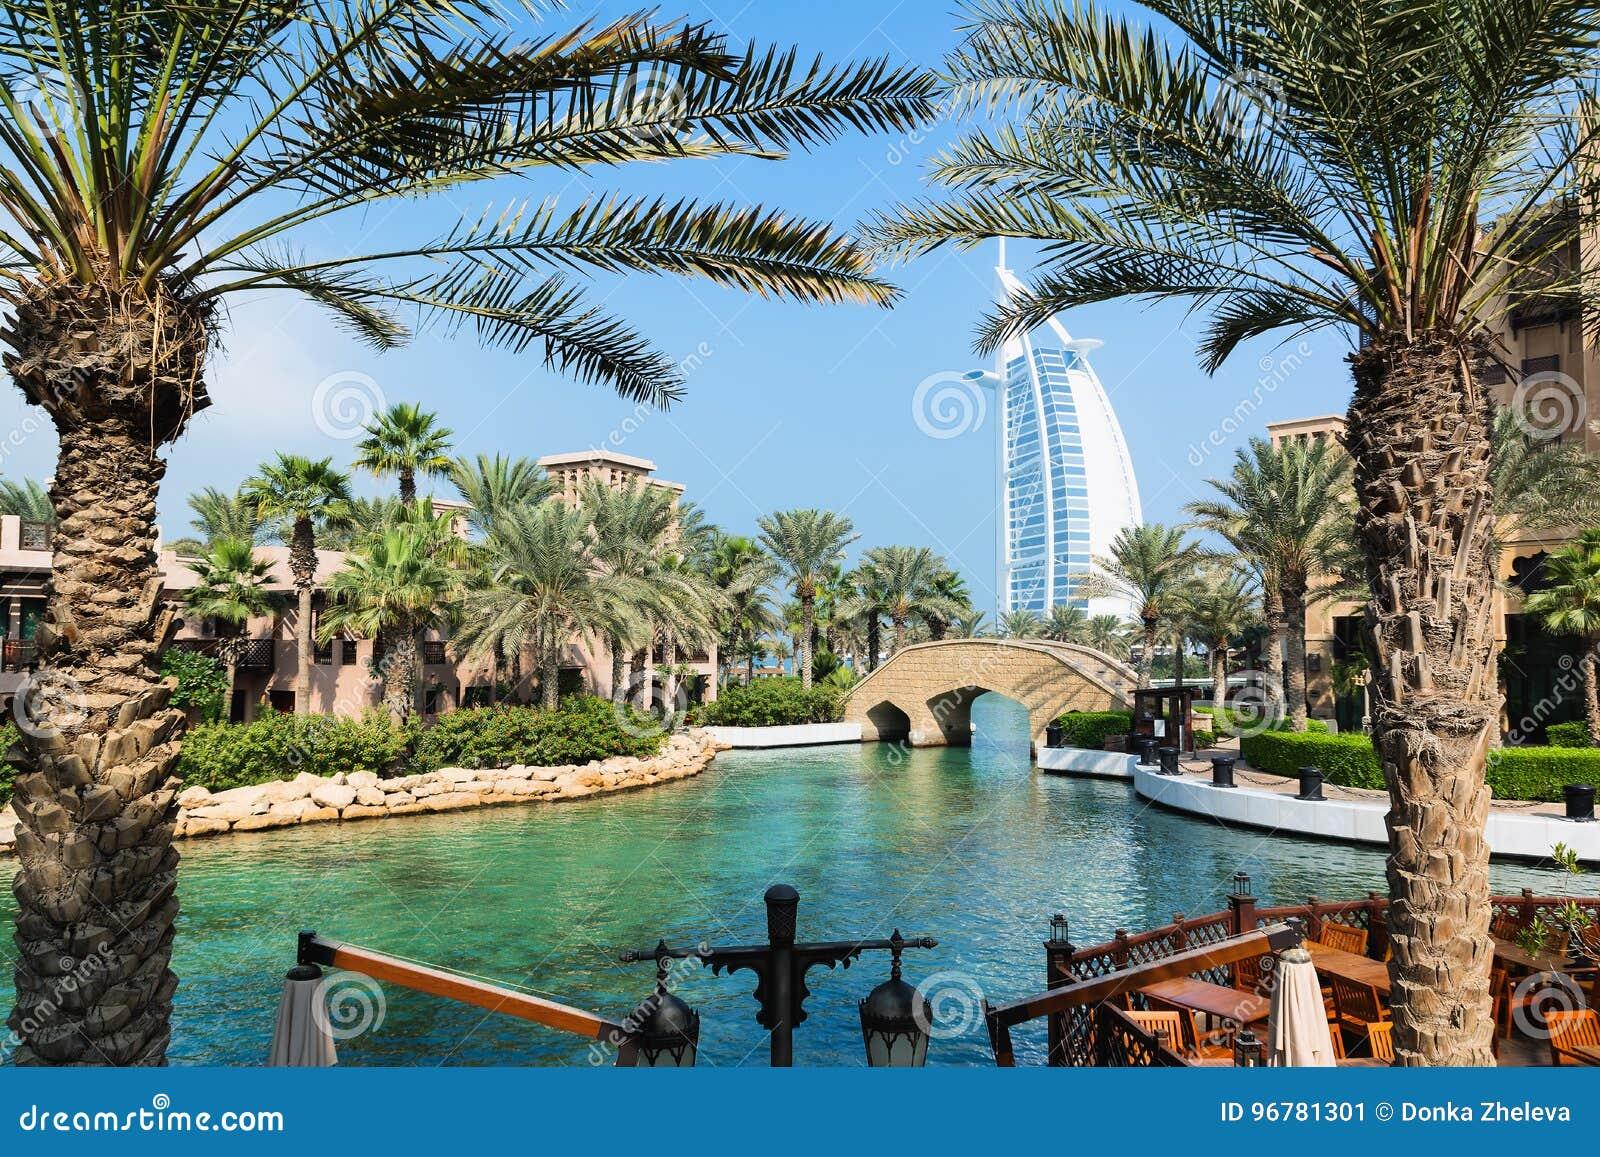 LE DUBAÏ, EMIRATS ARABES UNIS - 7 DÉCEMBRE 2016 : Vue à l hôtel de Burj Al Arab du lieu de villégiature luxueux de Madinat Jumeir